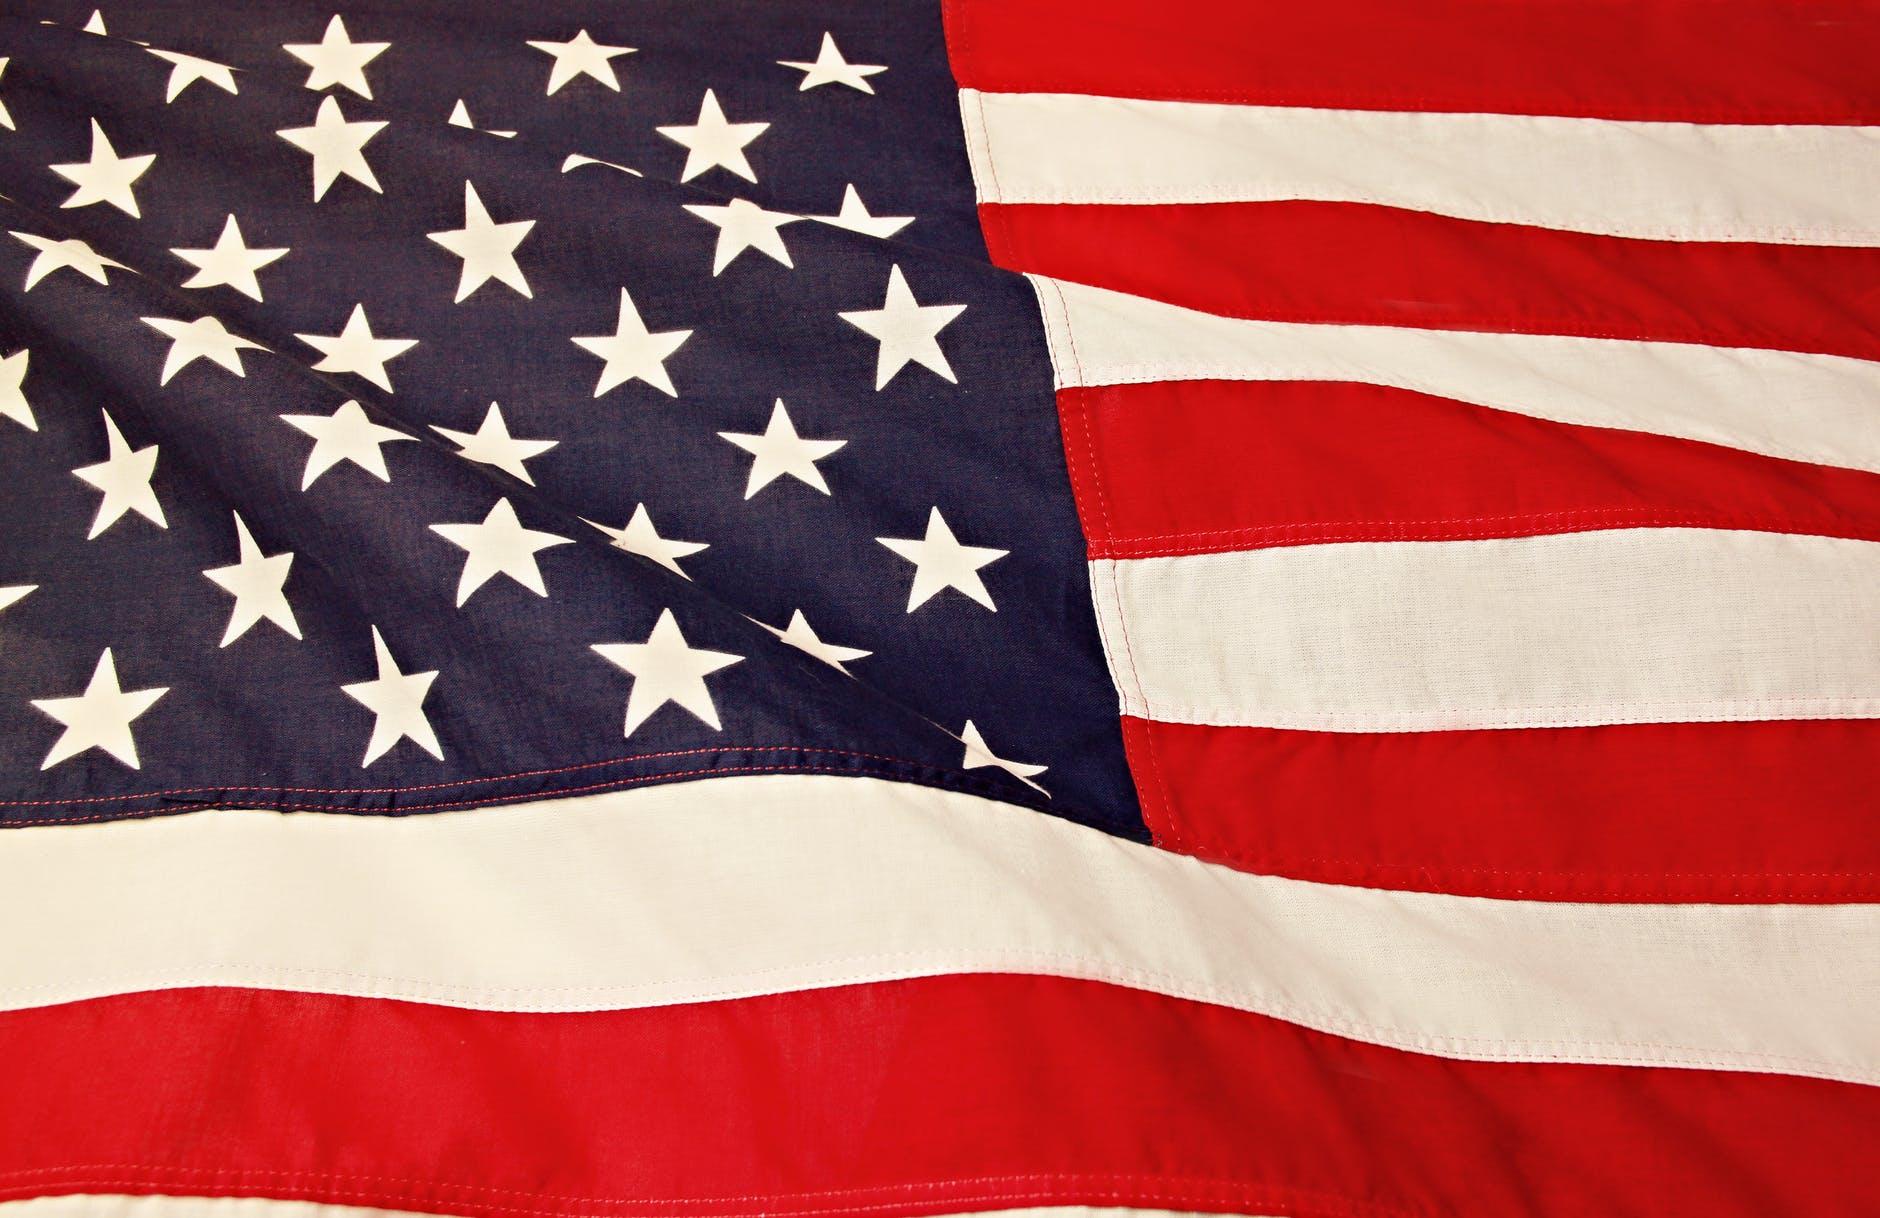 Когда жители Испании смогут отправиться в путешествие в США?